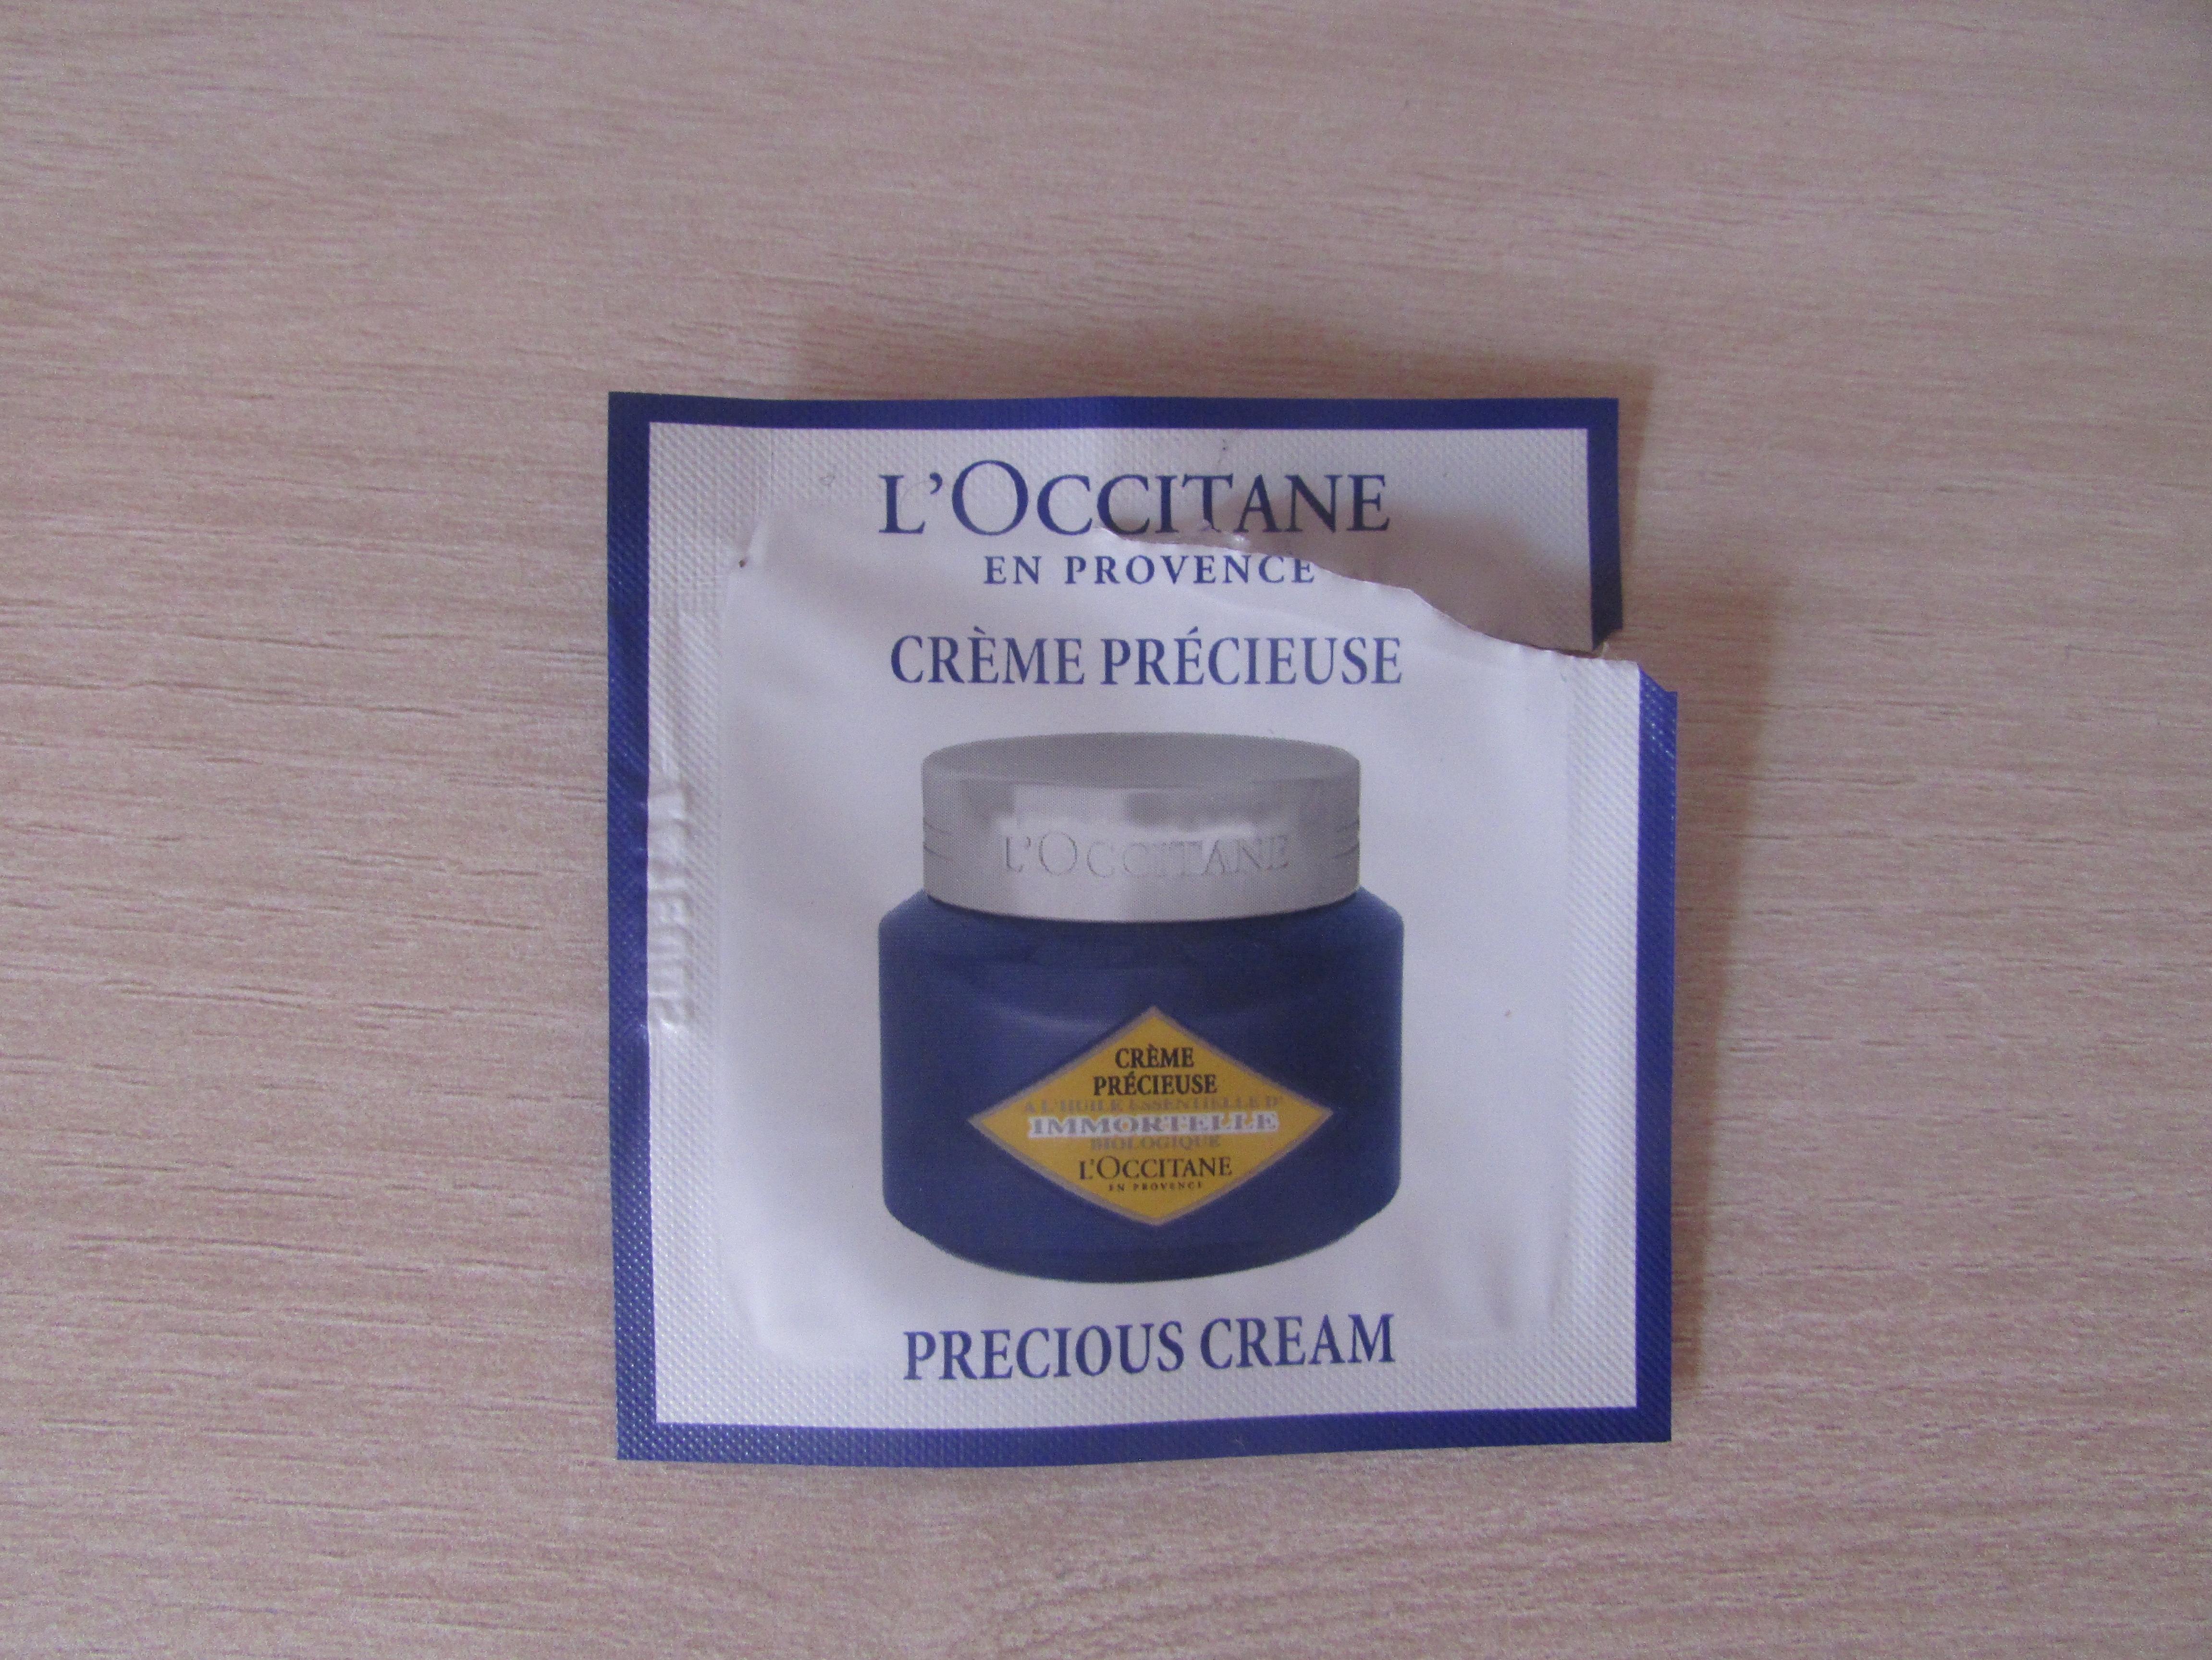 Crème immortel précieuse de la gamme l'occitane